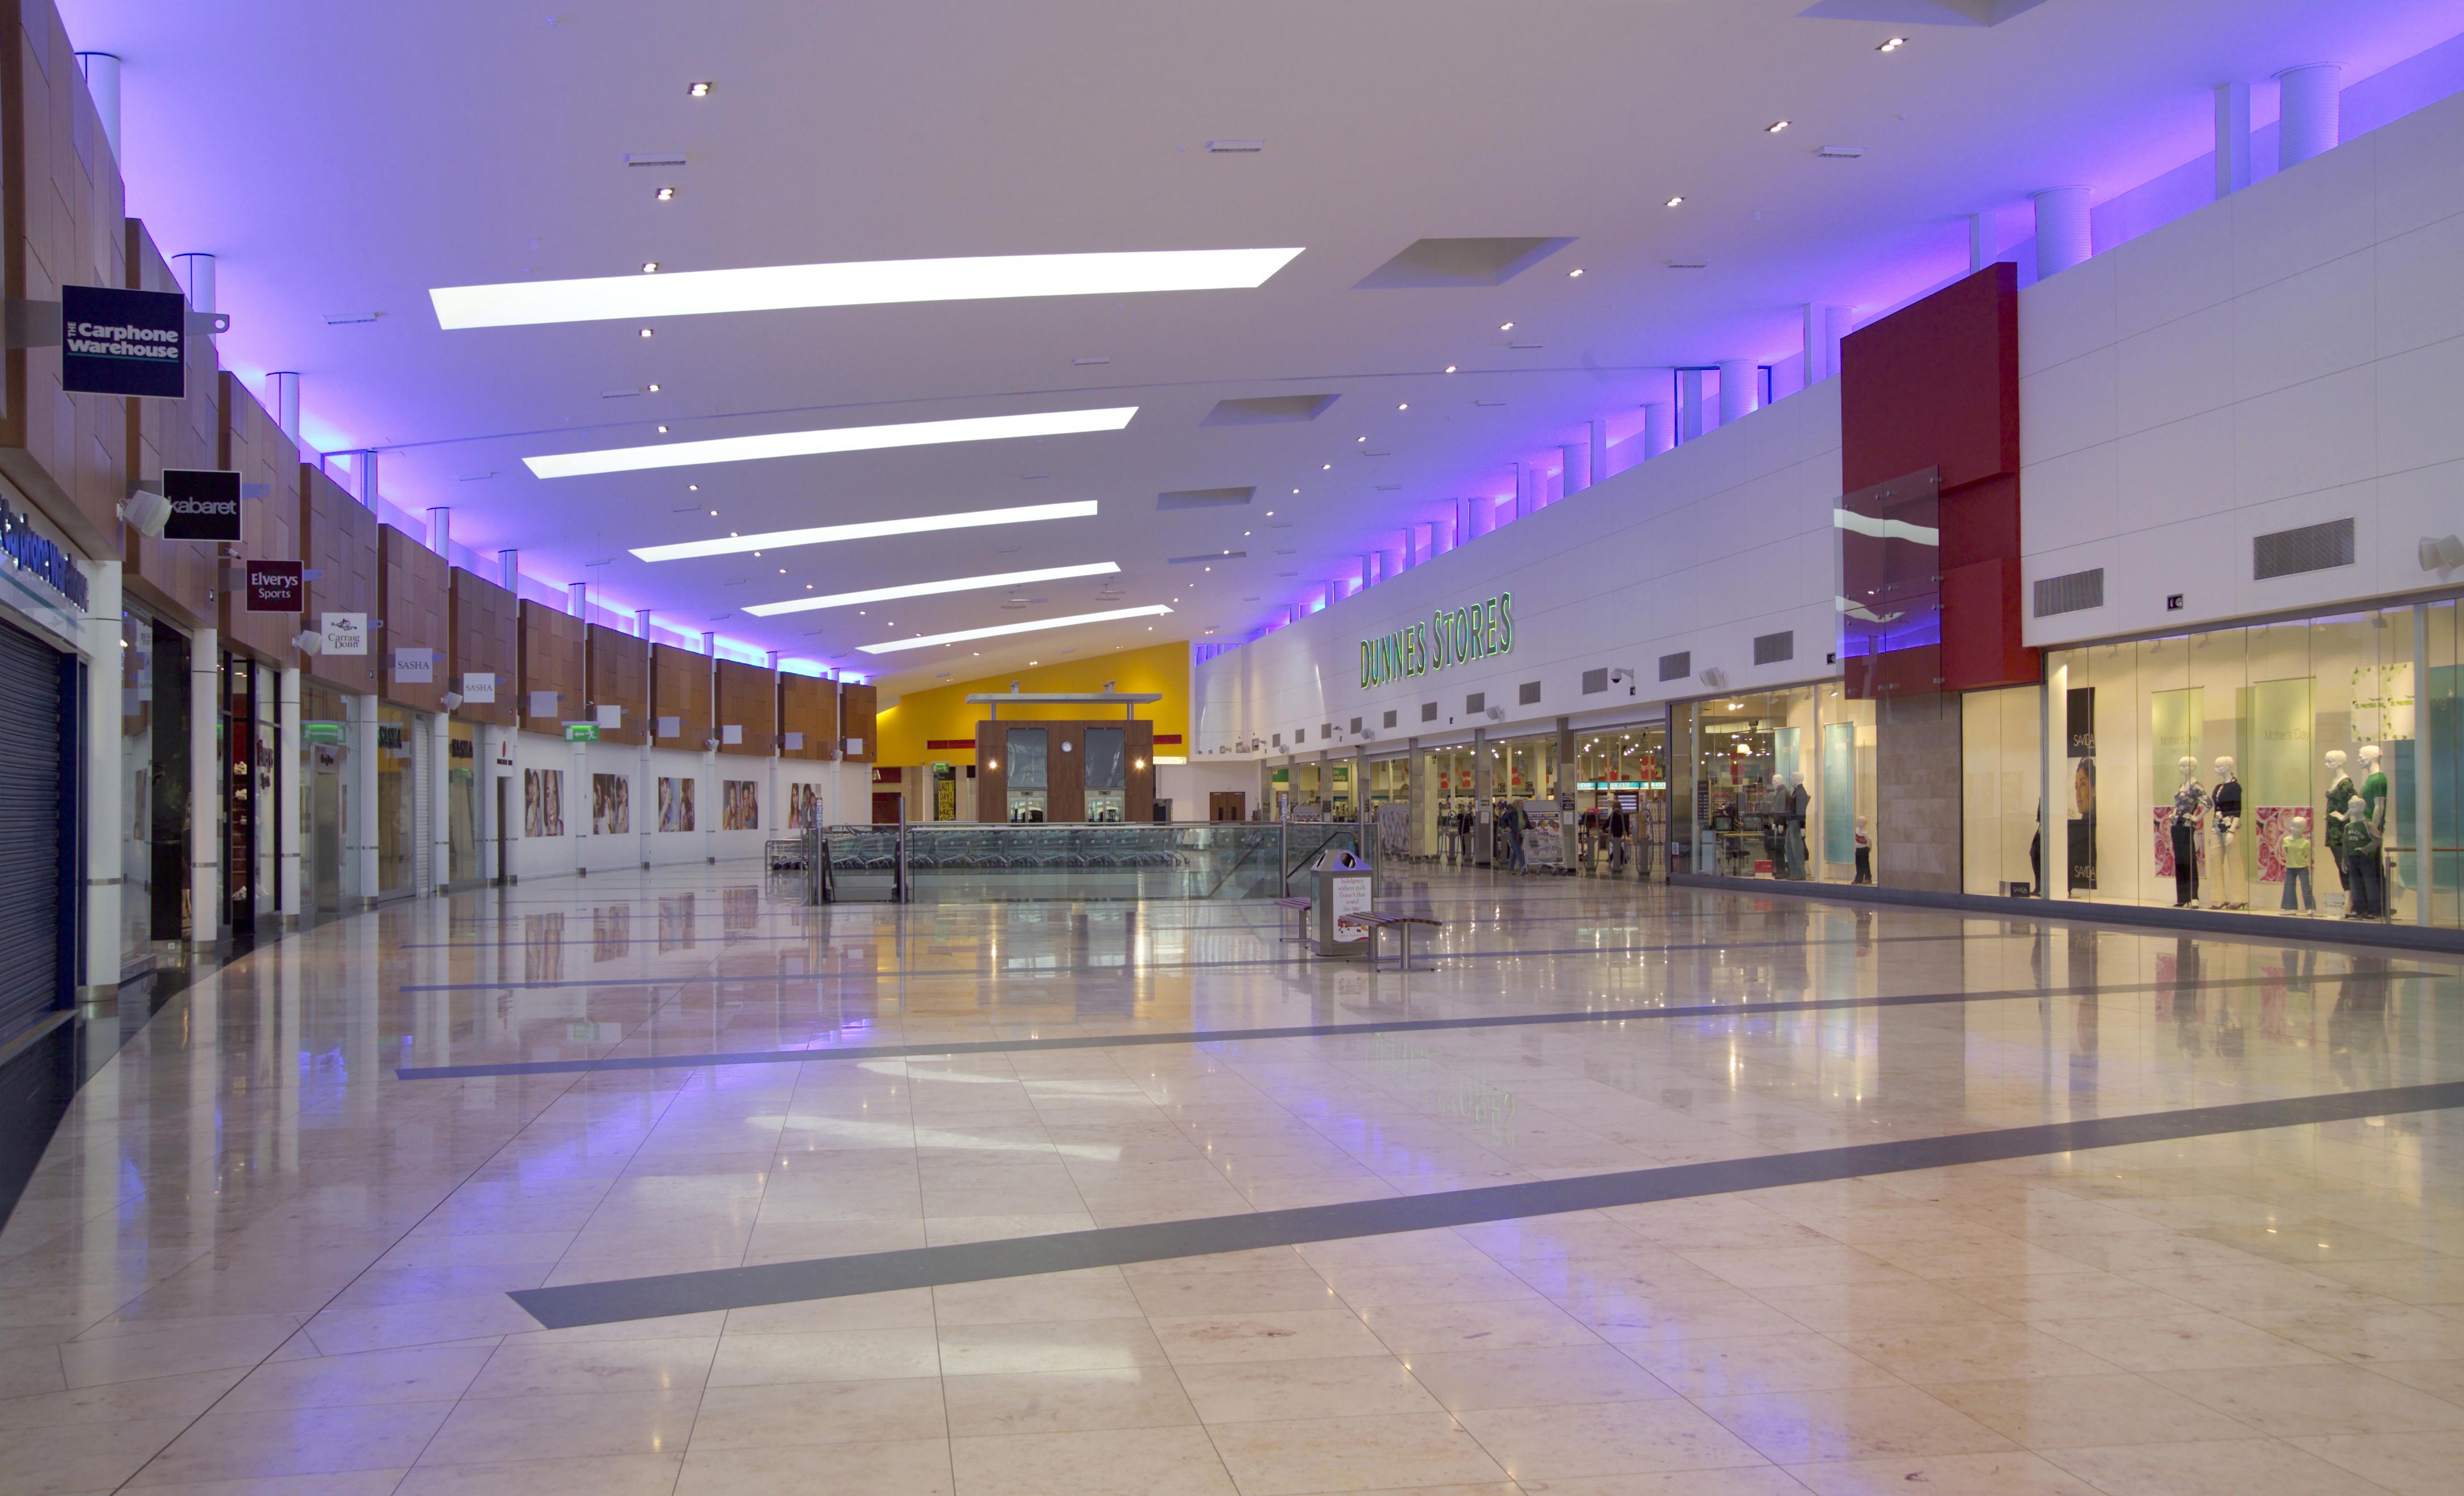 Jetland shopping centre caherdavin oppermann for Interior design shopping